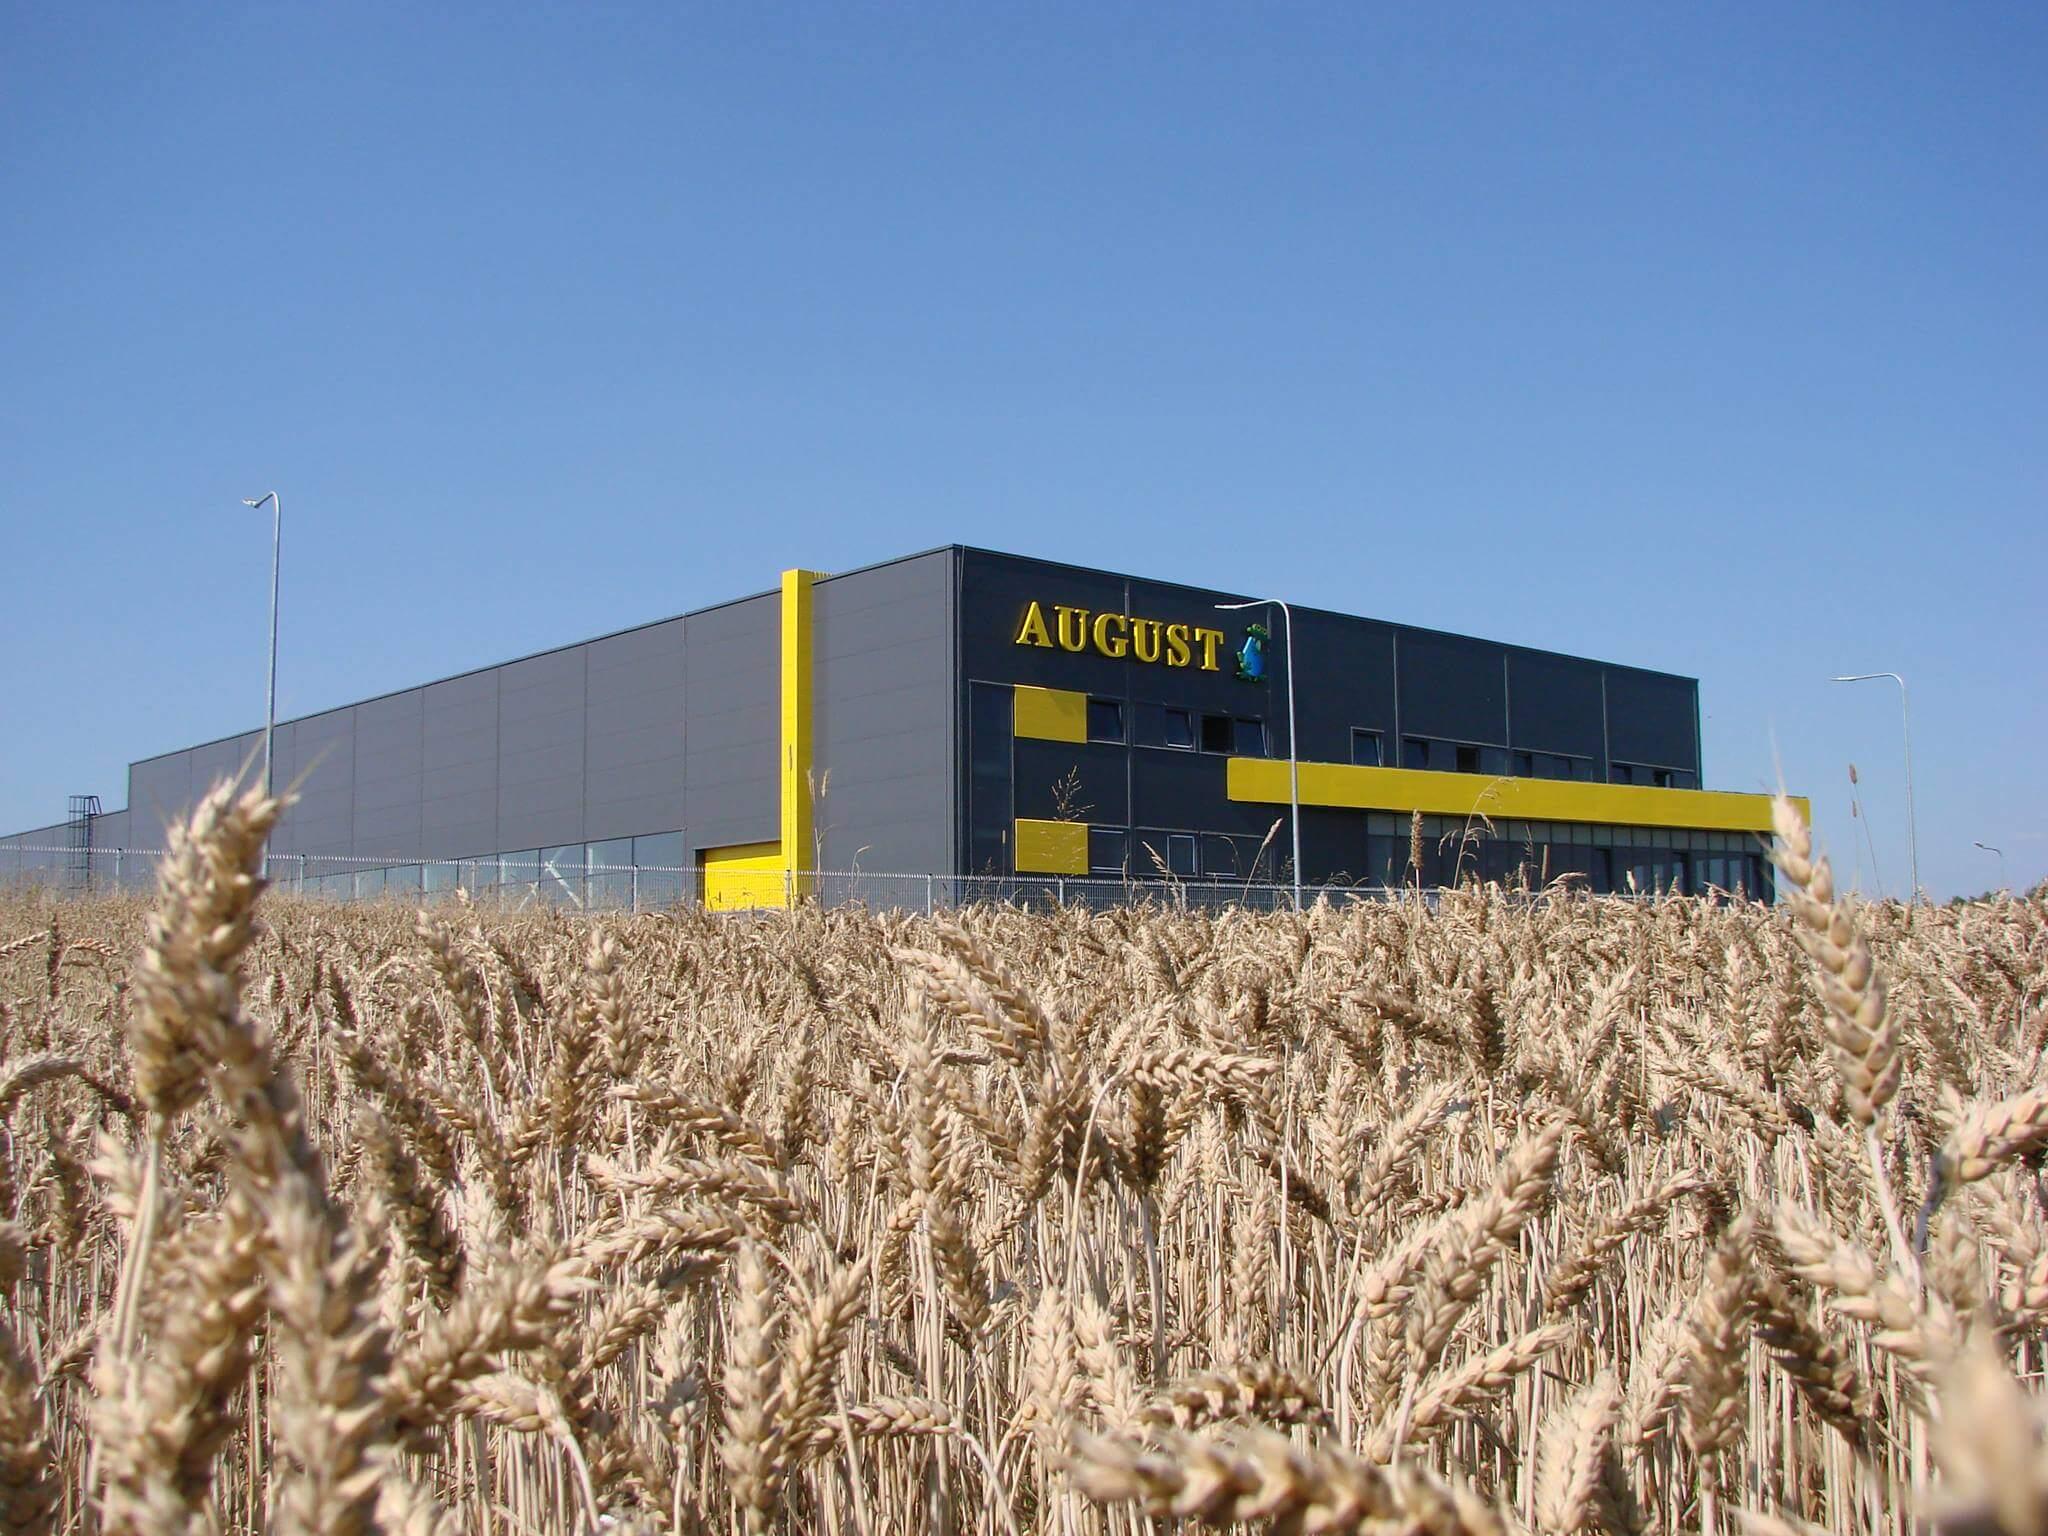 Завод Аугуст